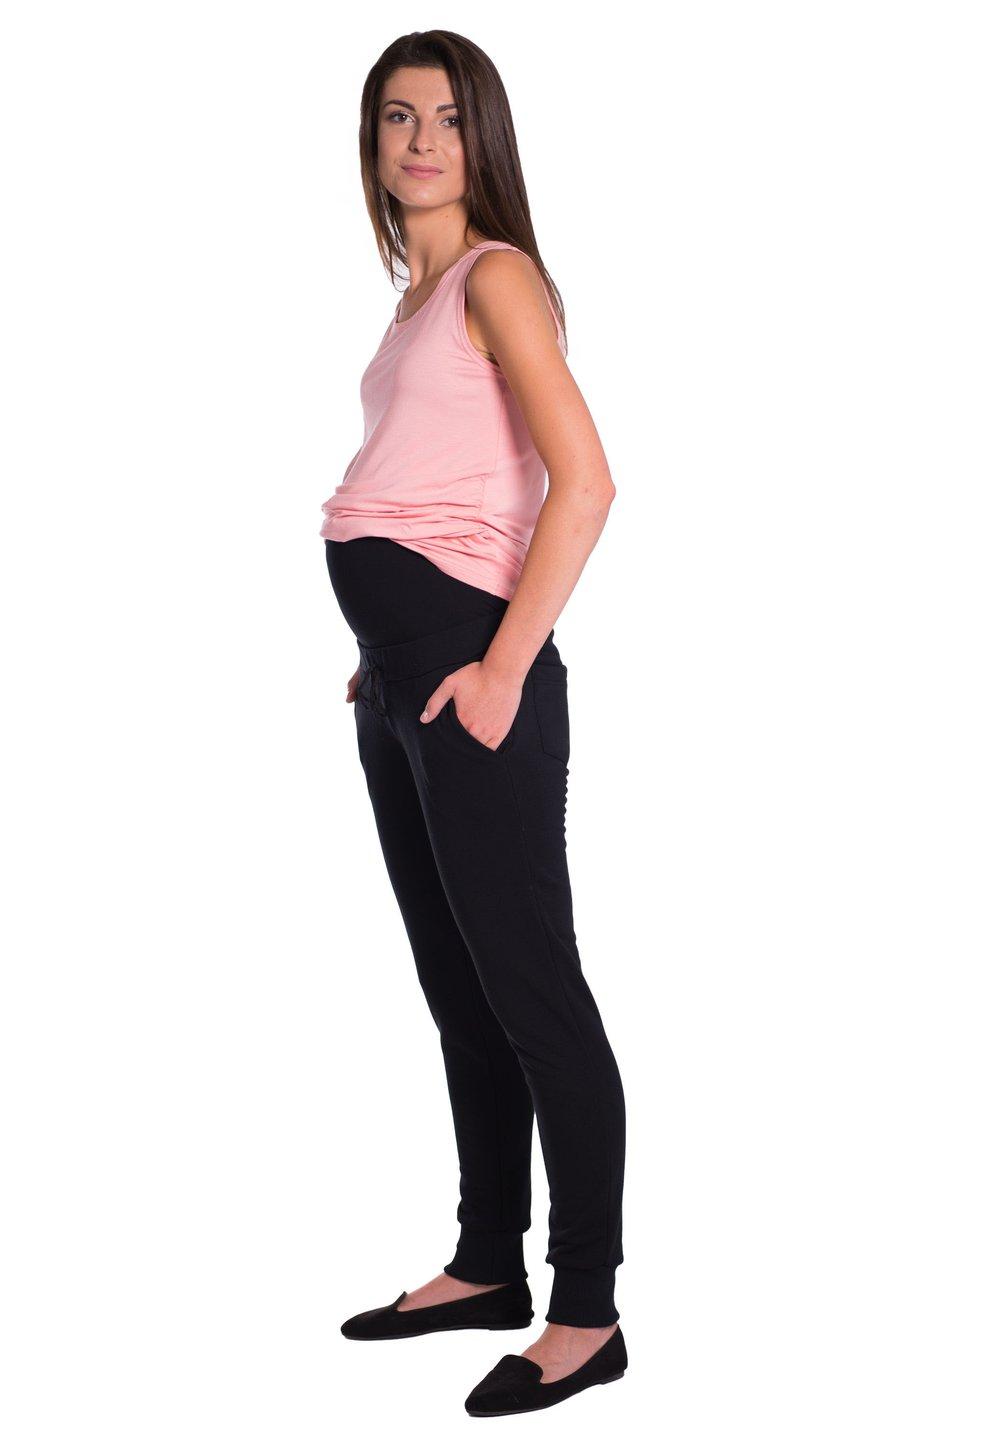 Pantalon sport, negri, 3778 imagine